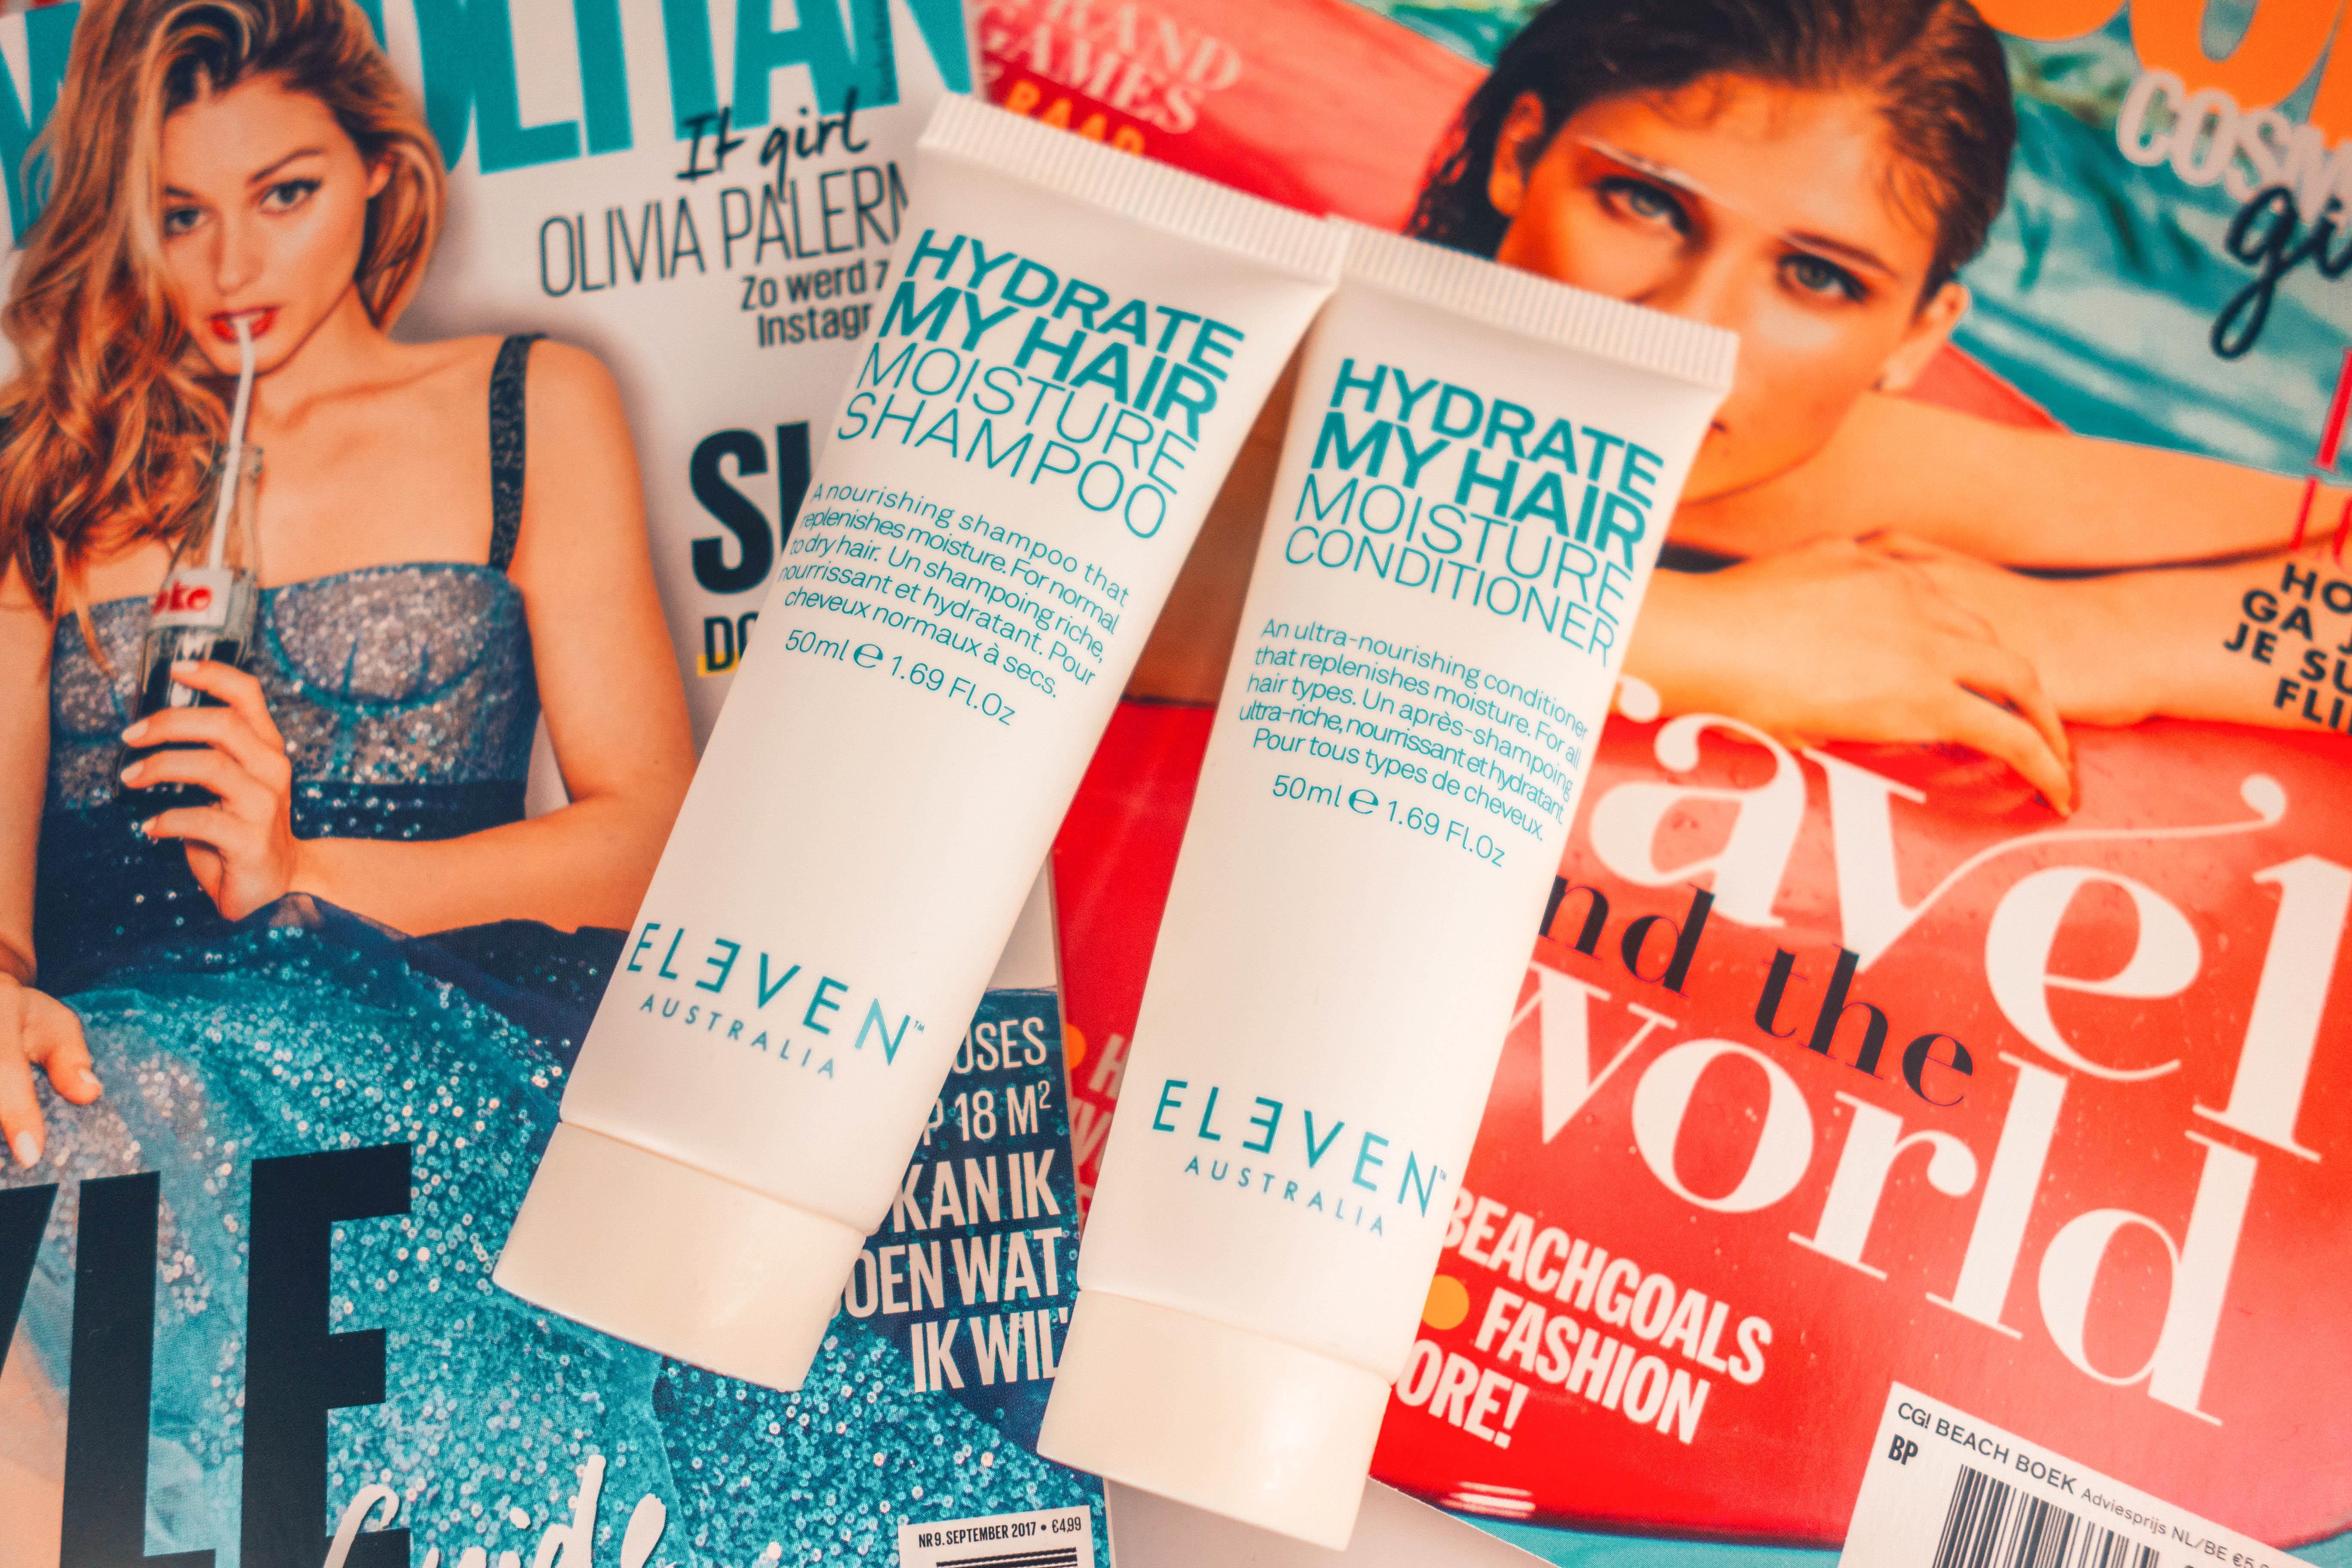 Eleven Australia Shampoo and Conditioner